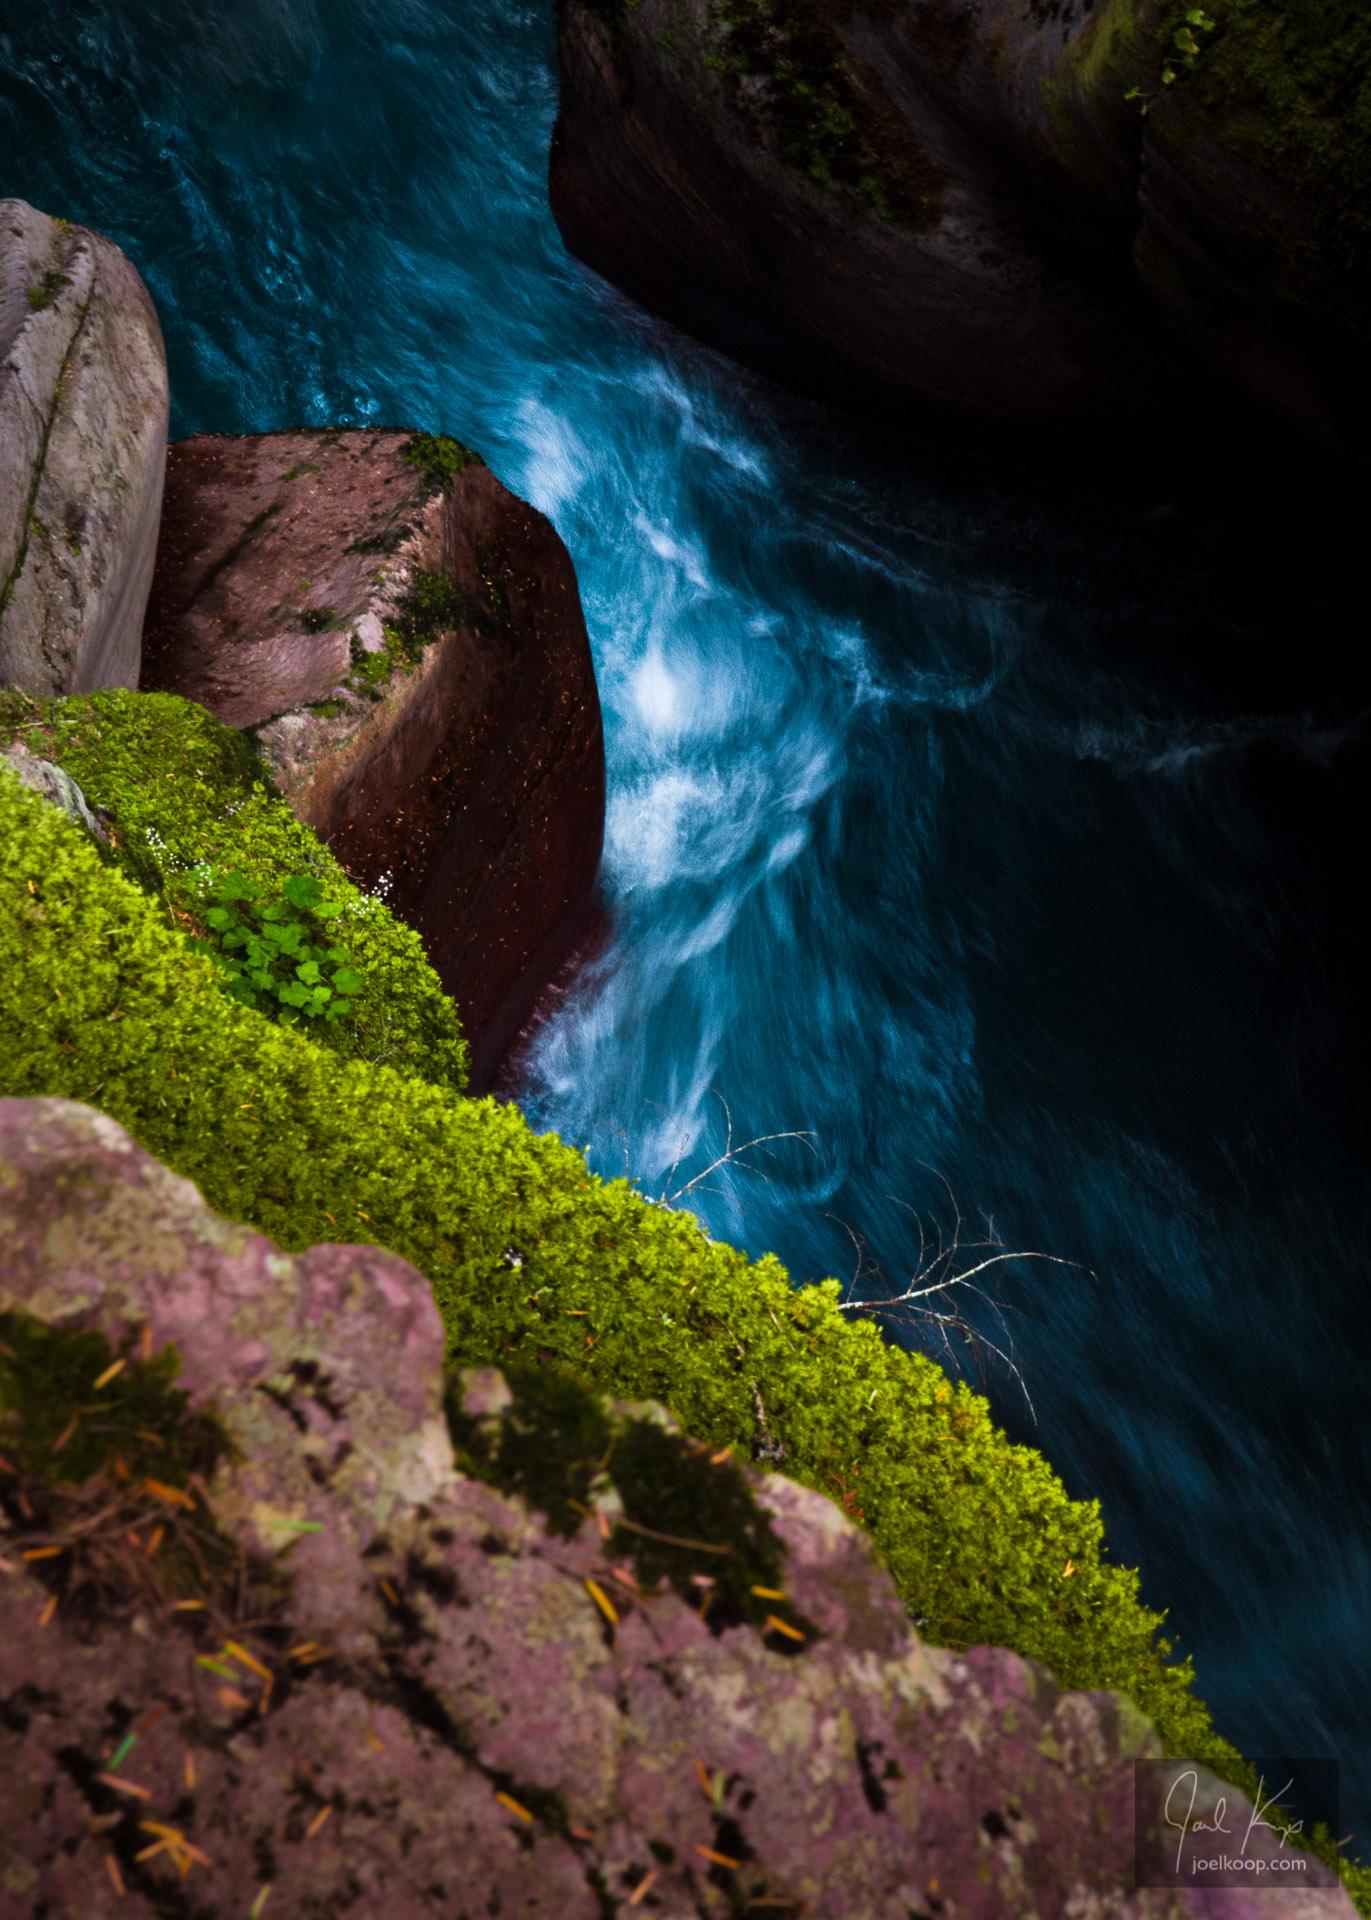 Moss Above Rushing Stream